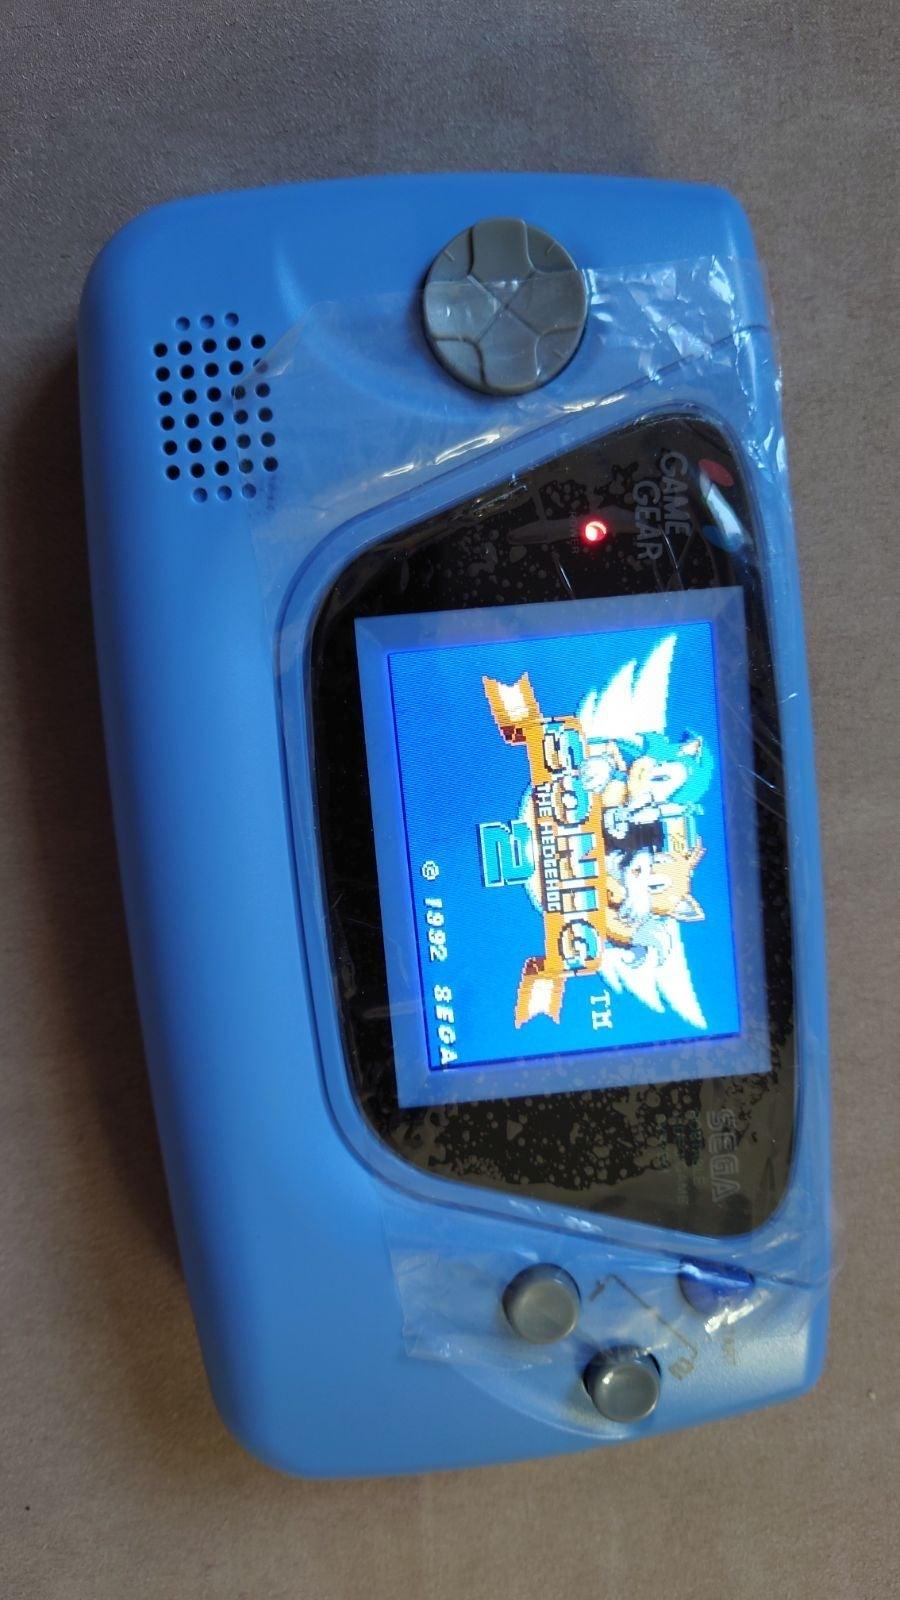 Mcwill Sega Game Gear